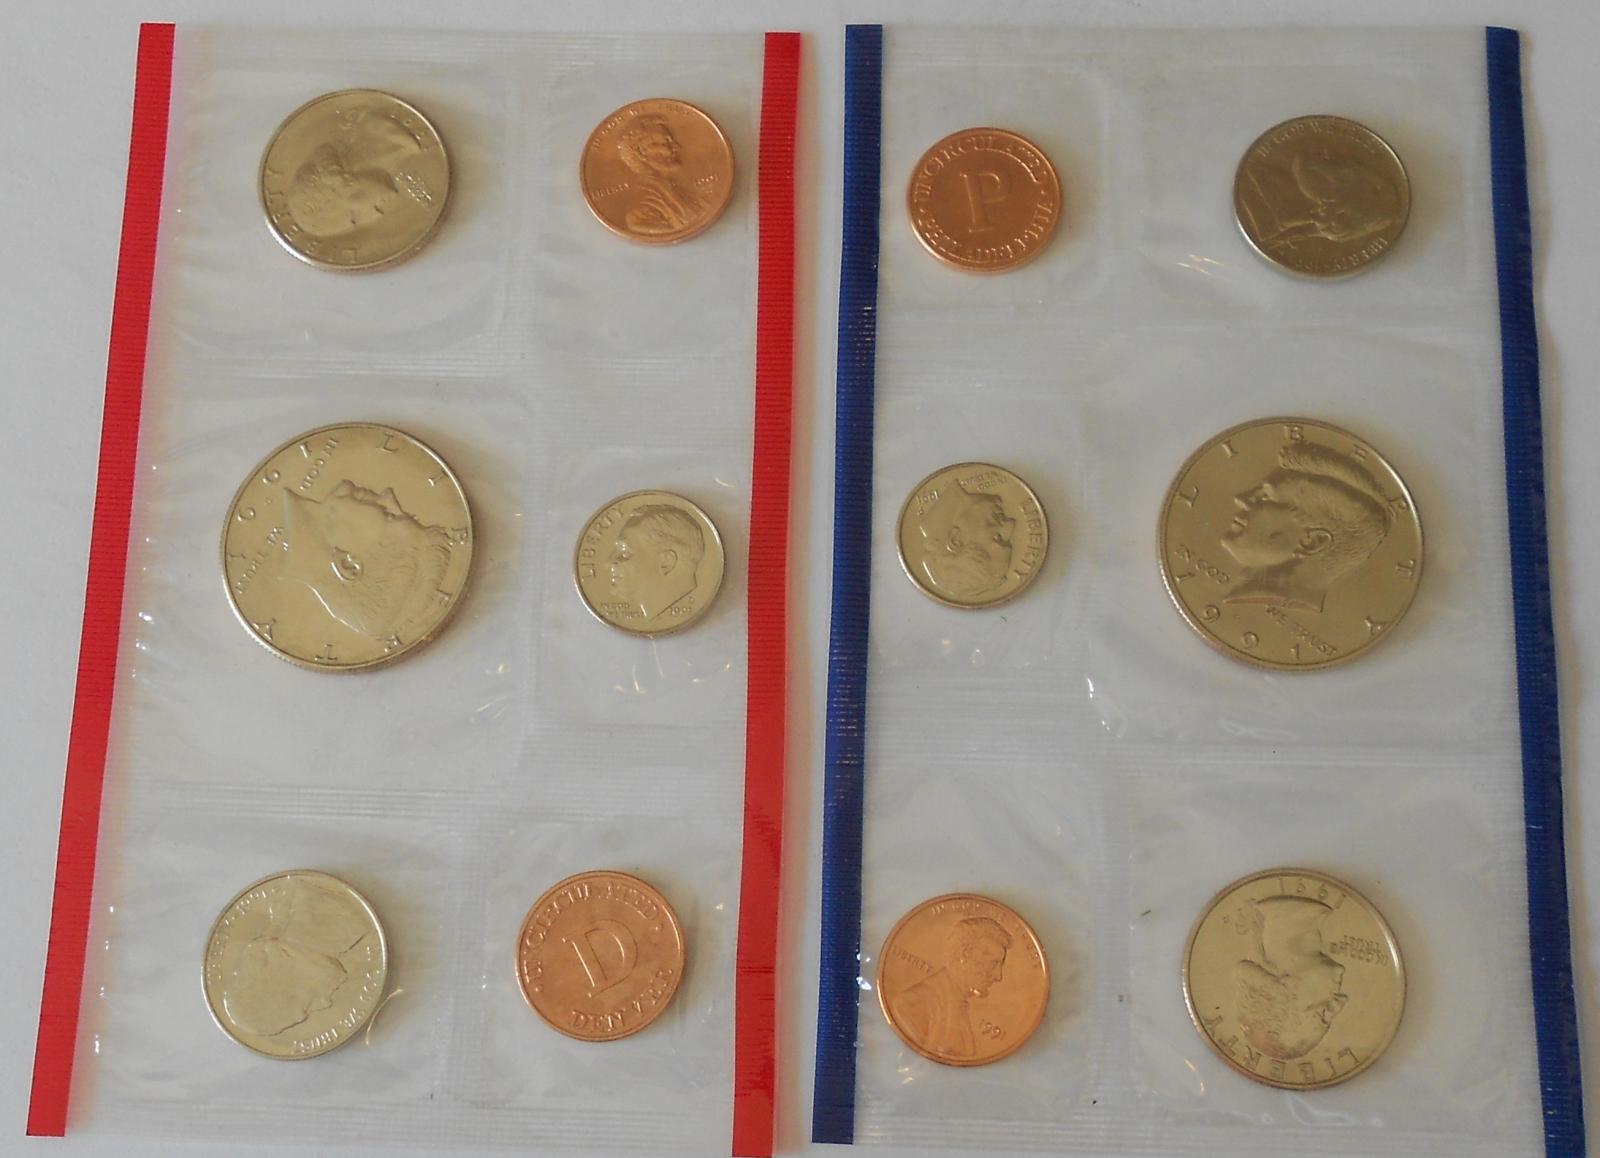 USA Sada mincí 1991